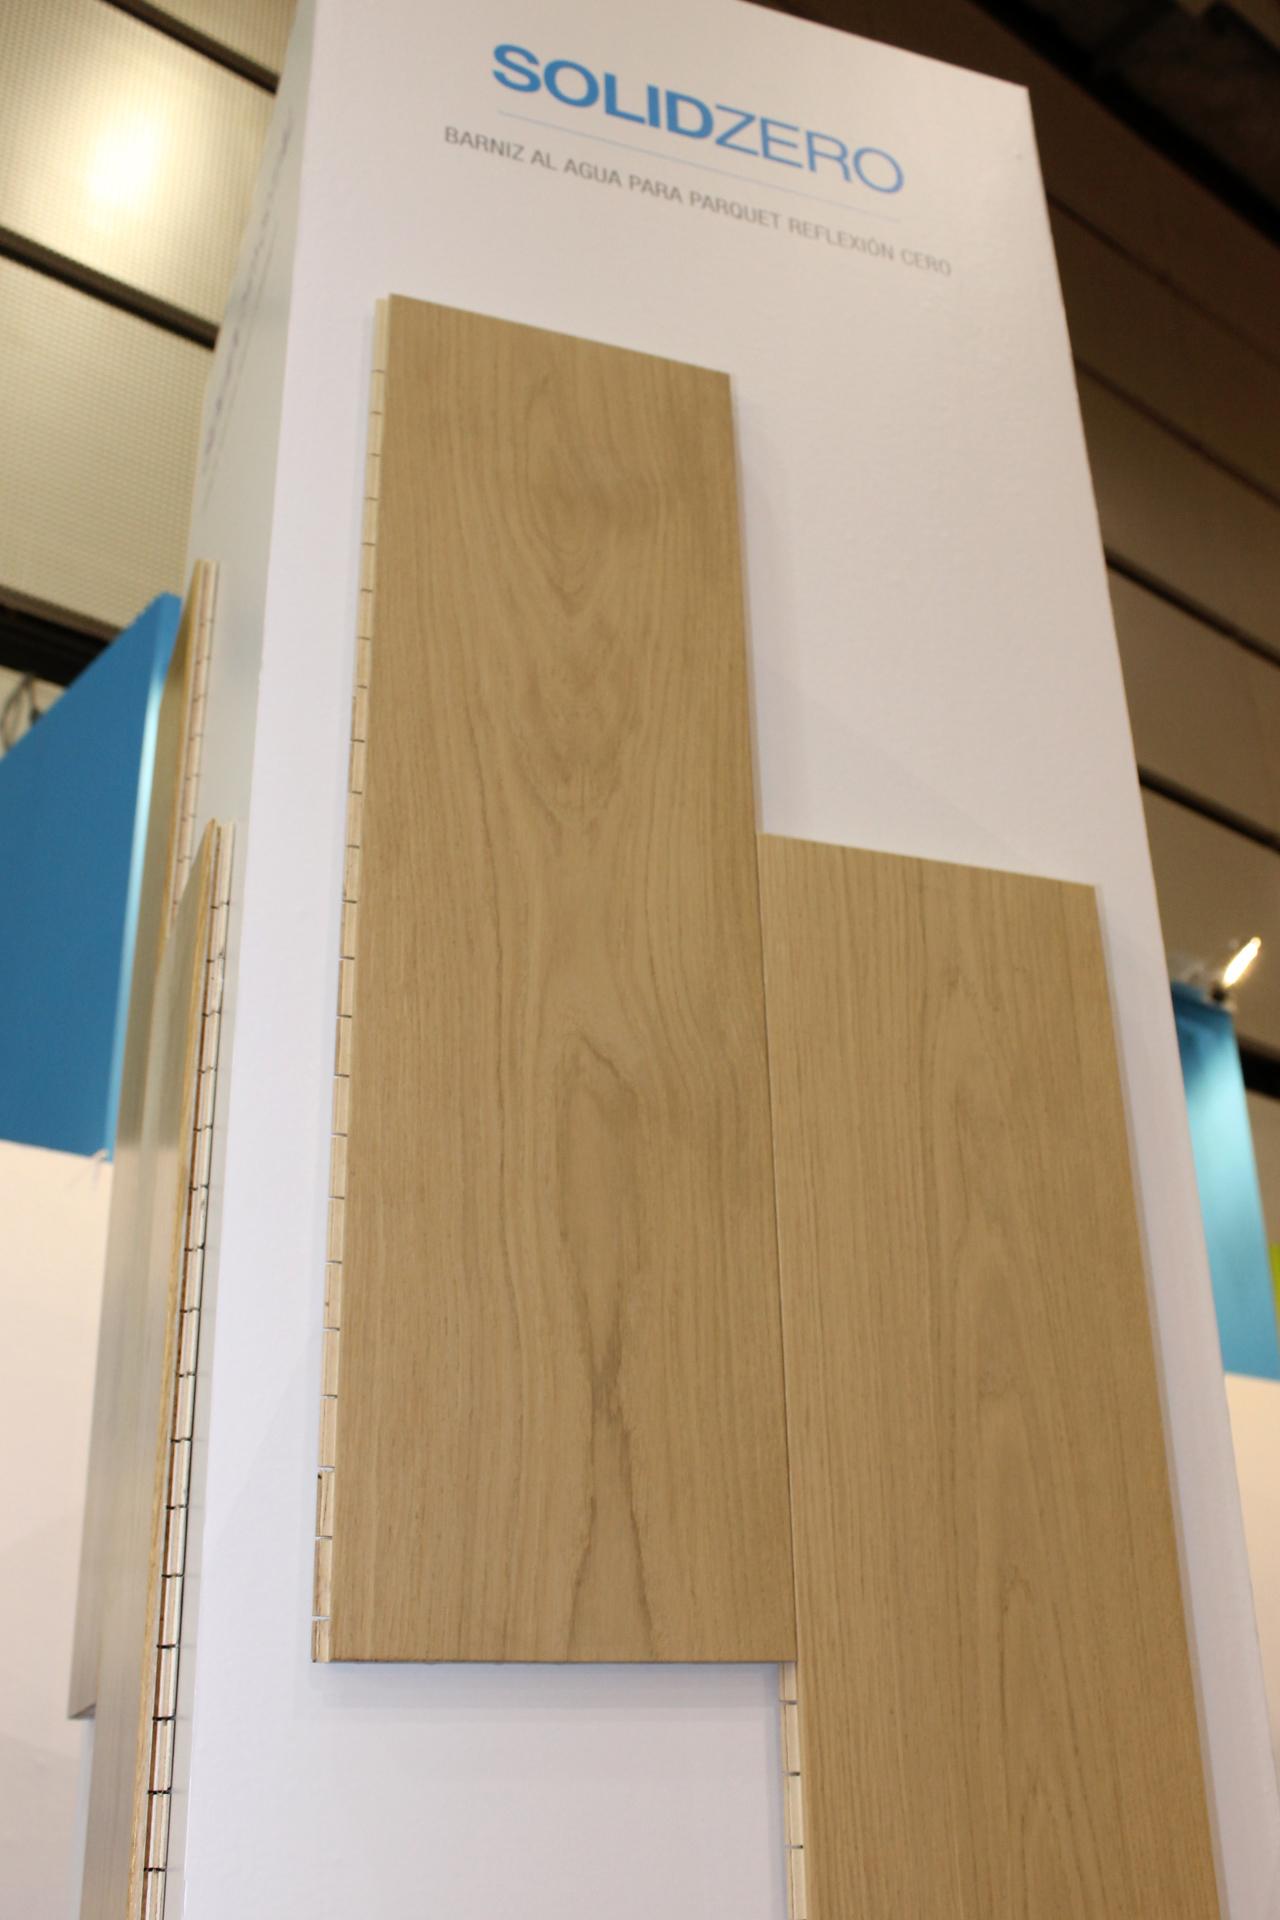 Solid la l nea de barnices para parquet de renner - Barnices para madera ...